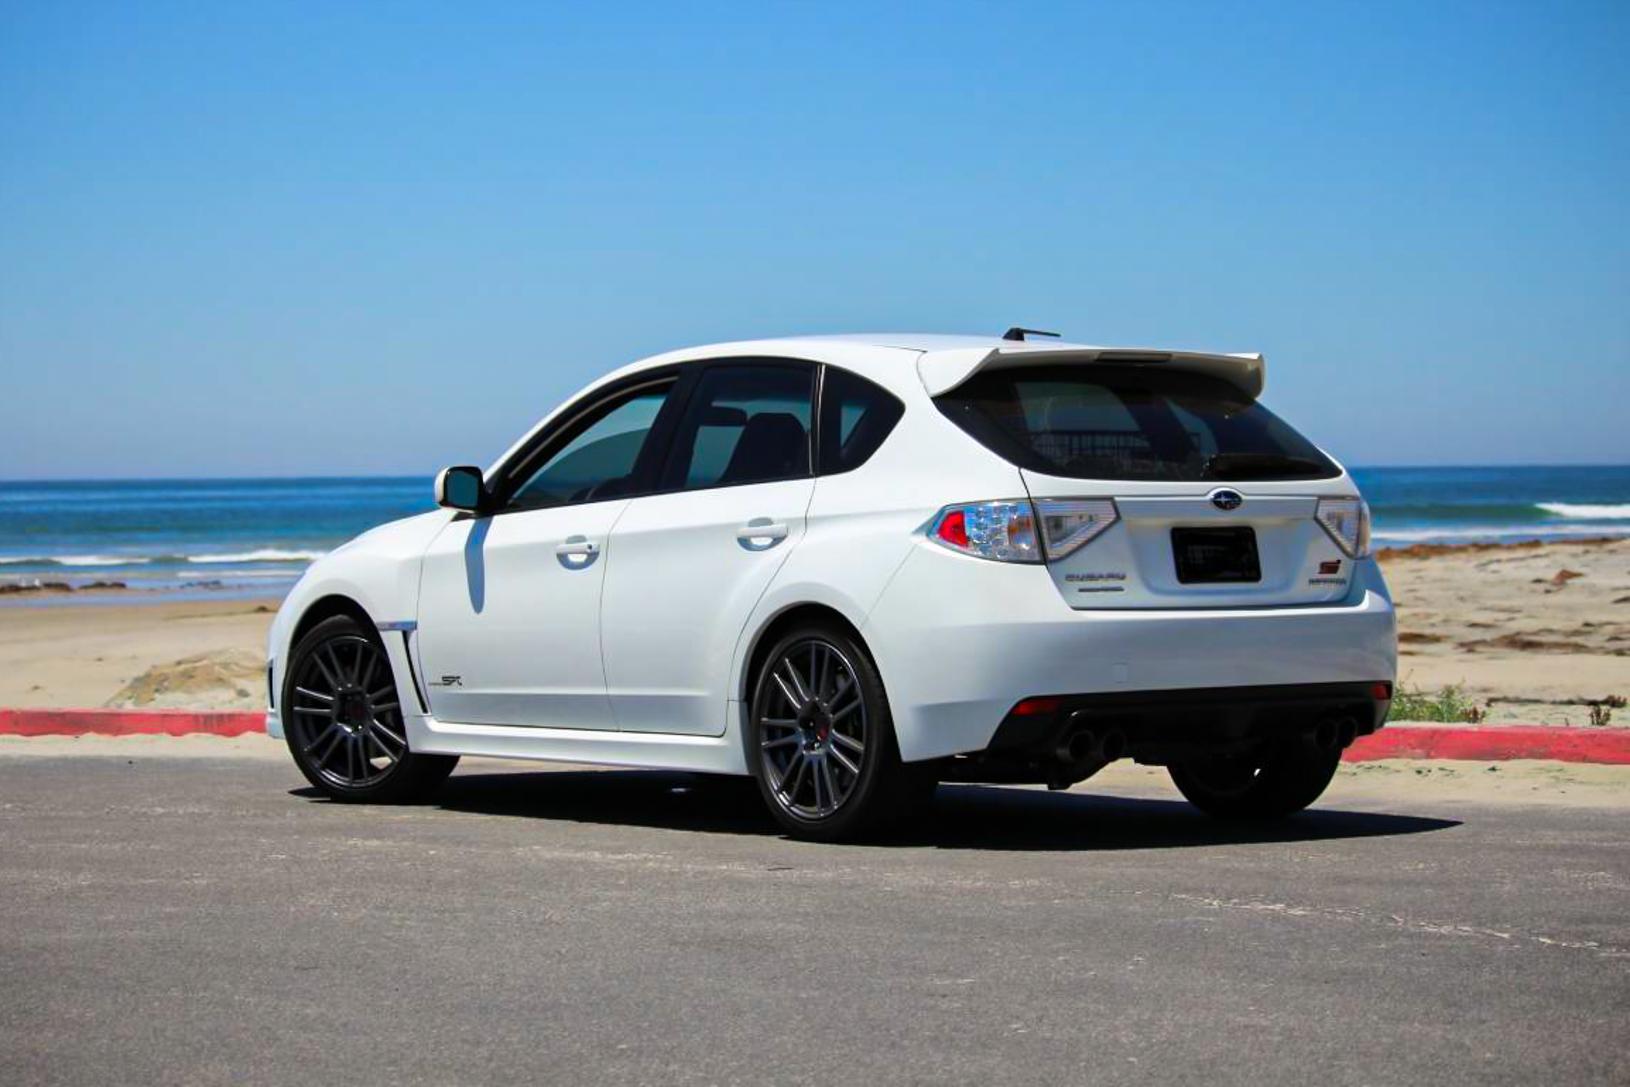 2010 Subaru STi 'Special Edition'